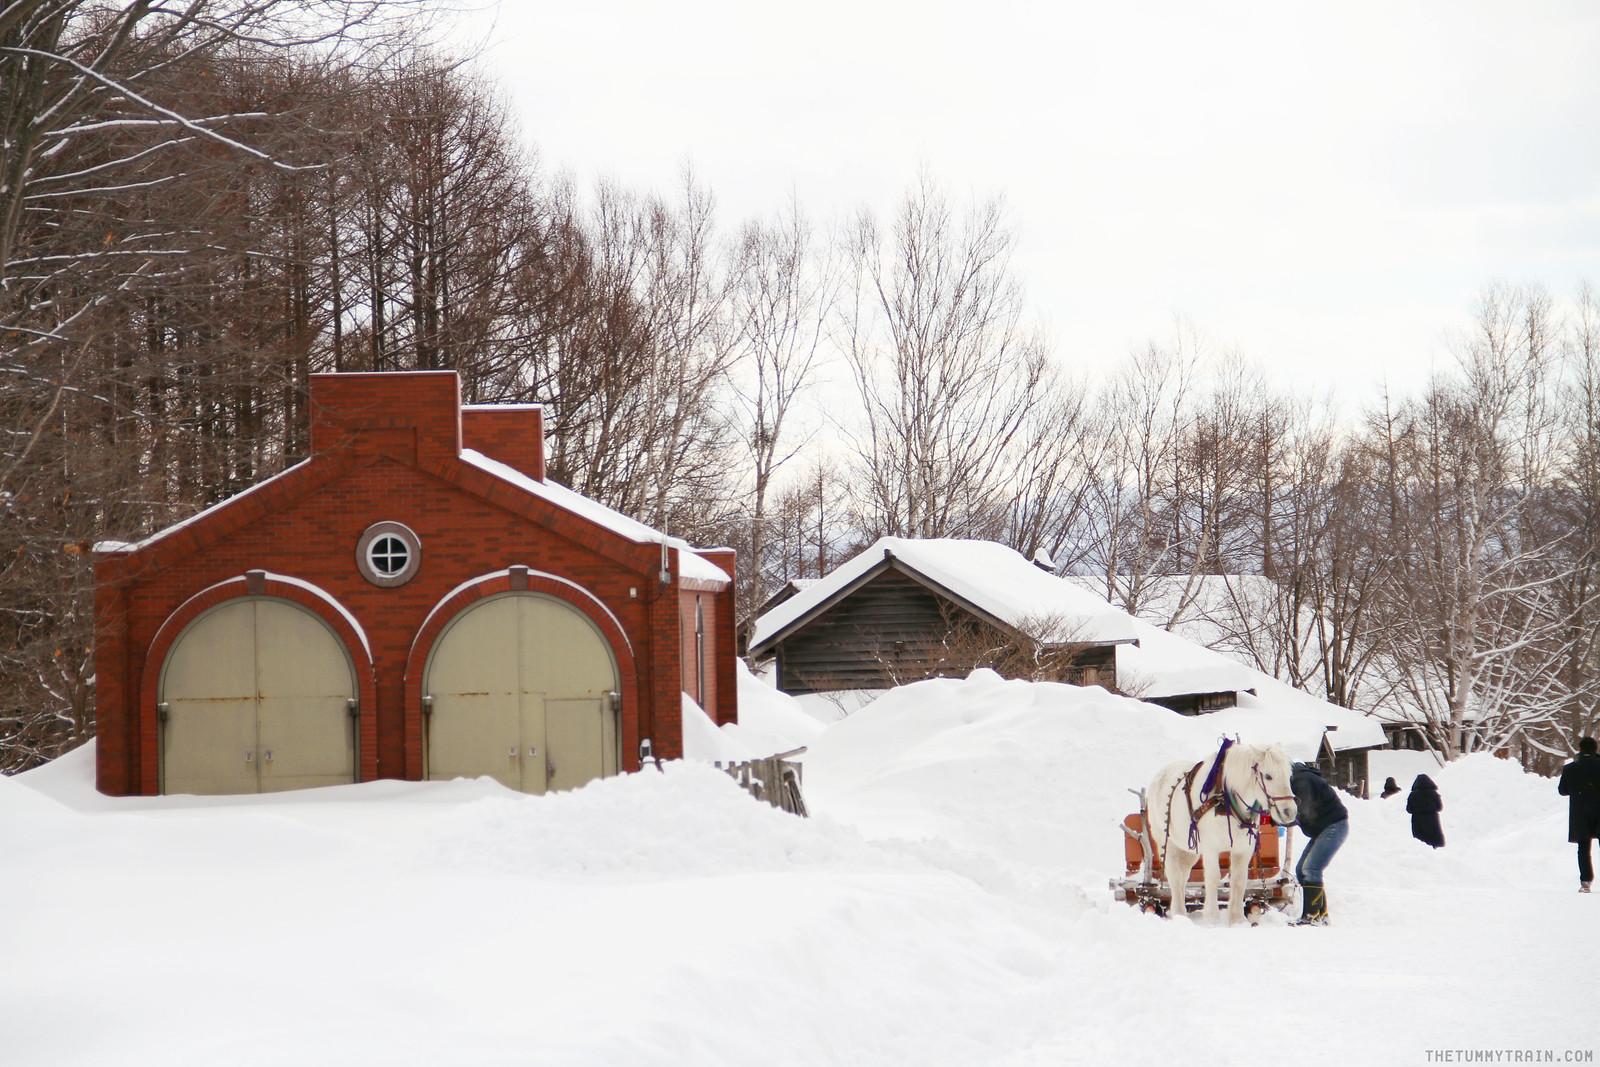 32874850136 0d197596da h - Sapporo Snow And Smile: 8 Unforgettable Winter Experiences in Sapporo City